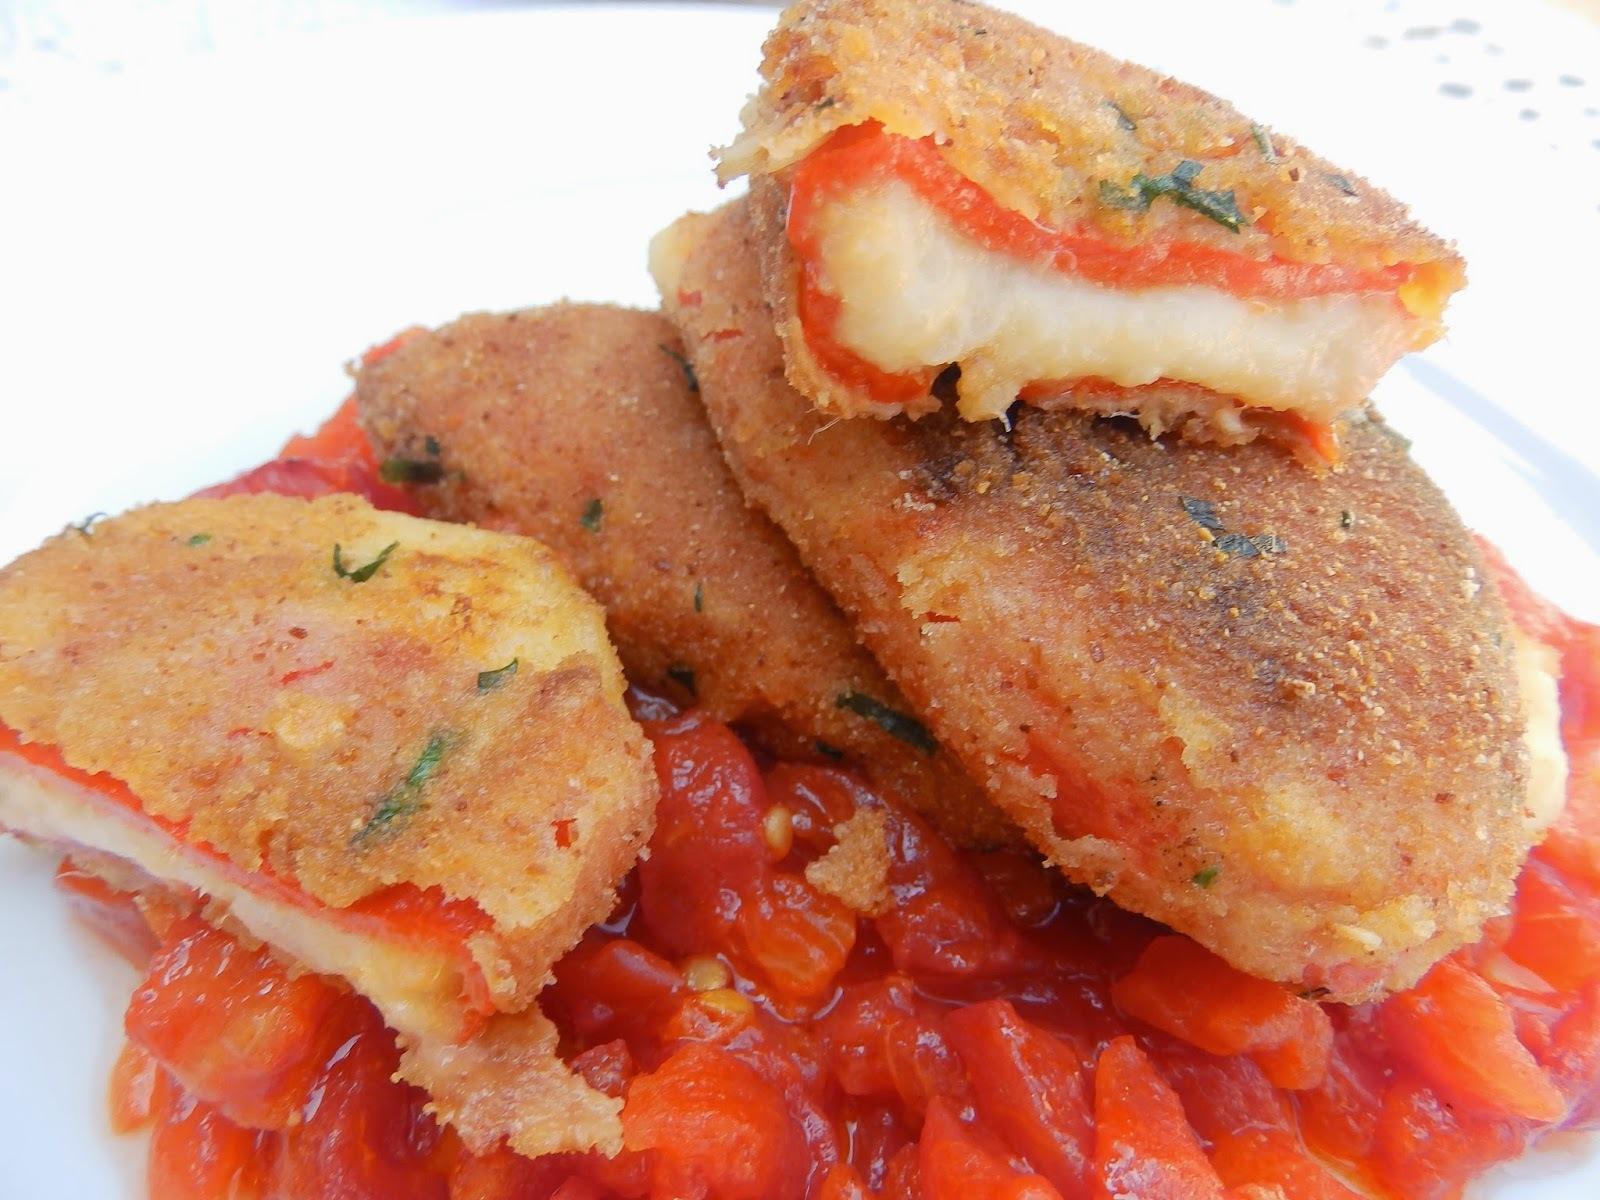 Pebrots del piquillo farcits de brandada de bacallà, sobre llit de tomata